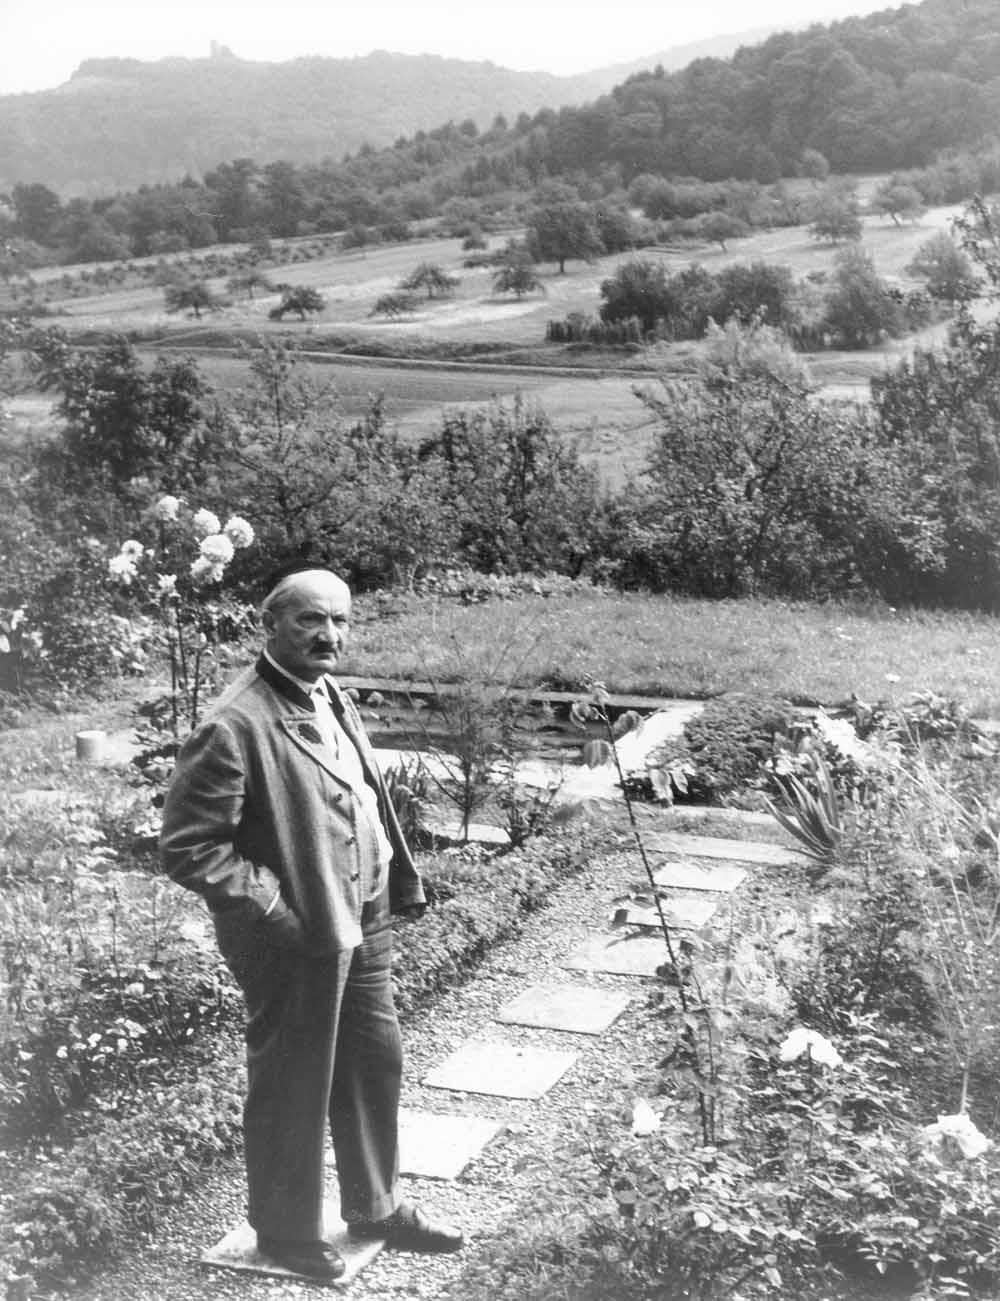 De Duitse filosoof en wandelaar Martin Heidegger in zijn tuin, rond 1964. – © Getty Images